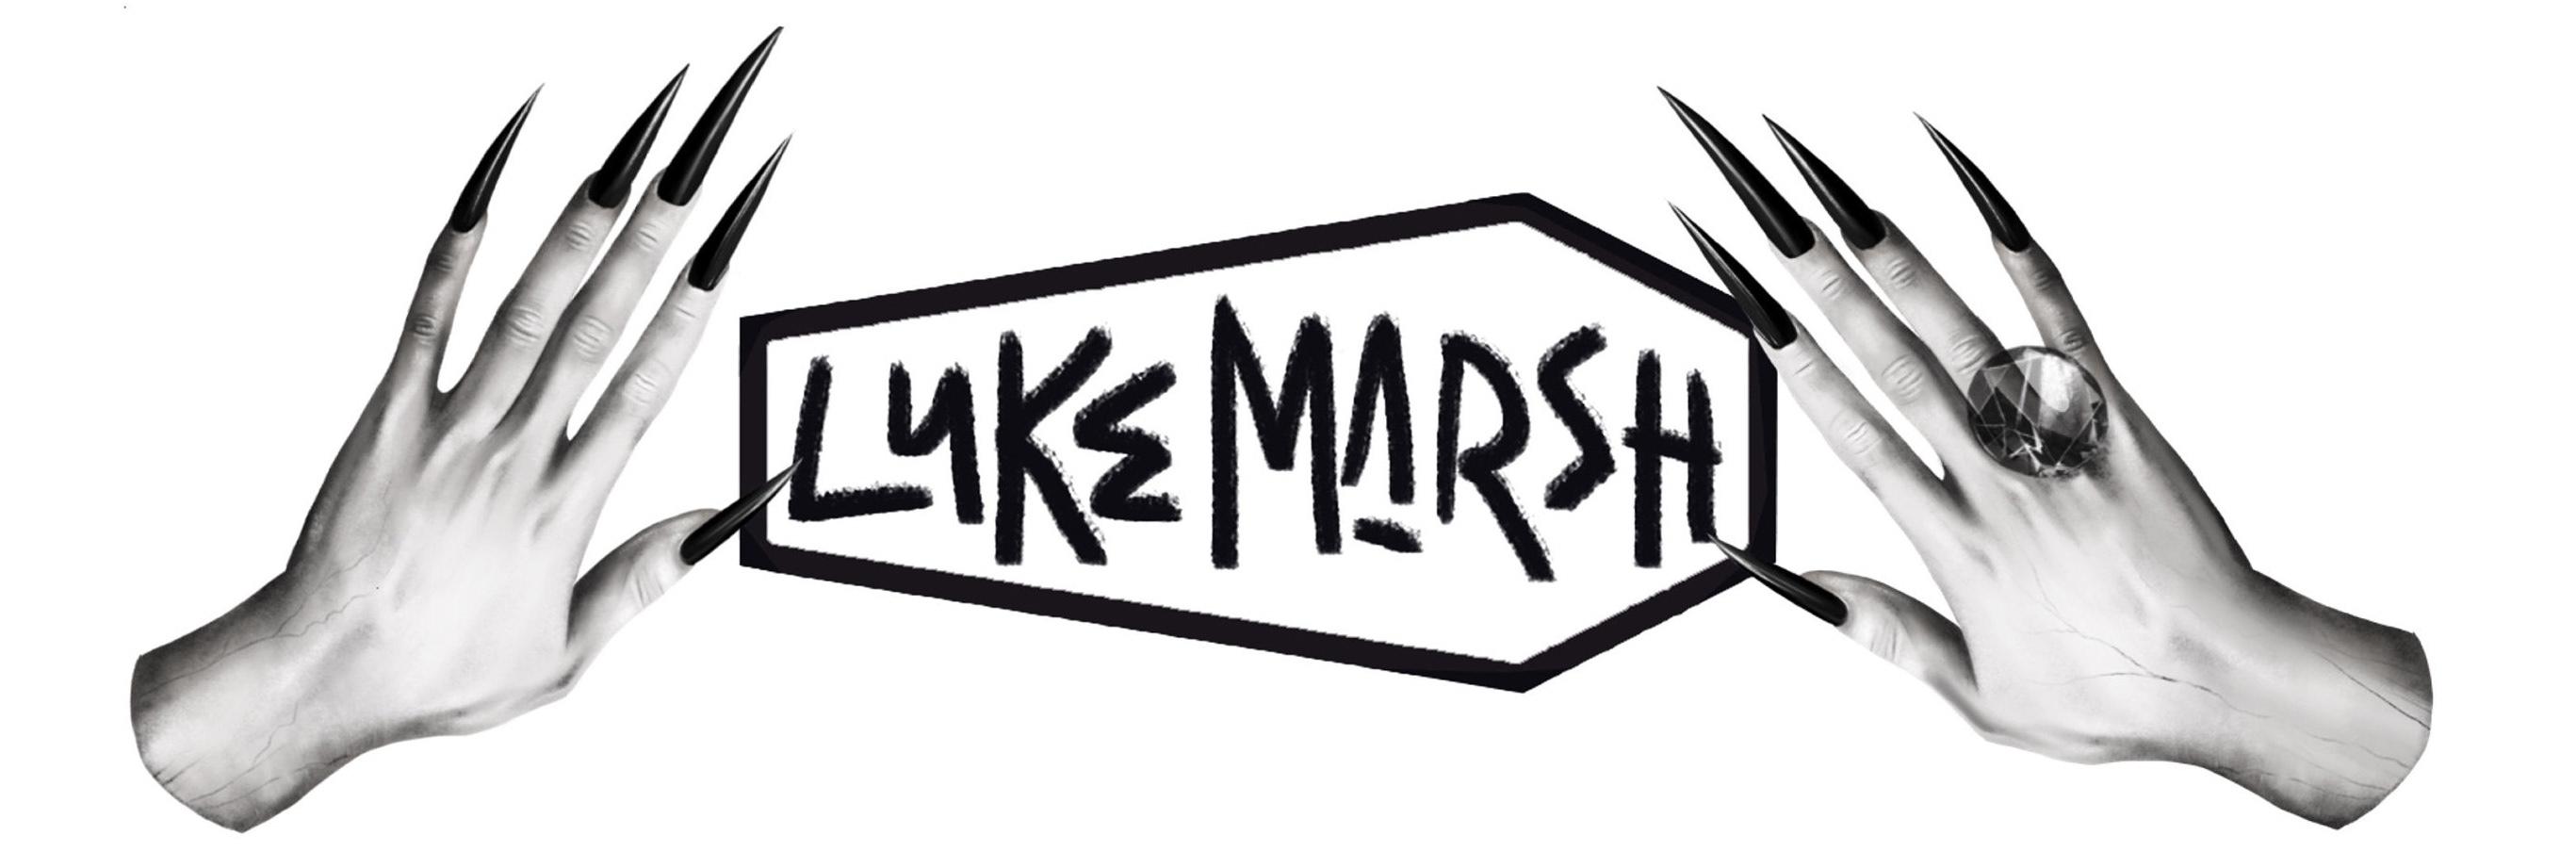 Luke Marsh